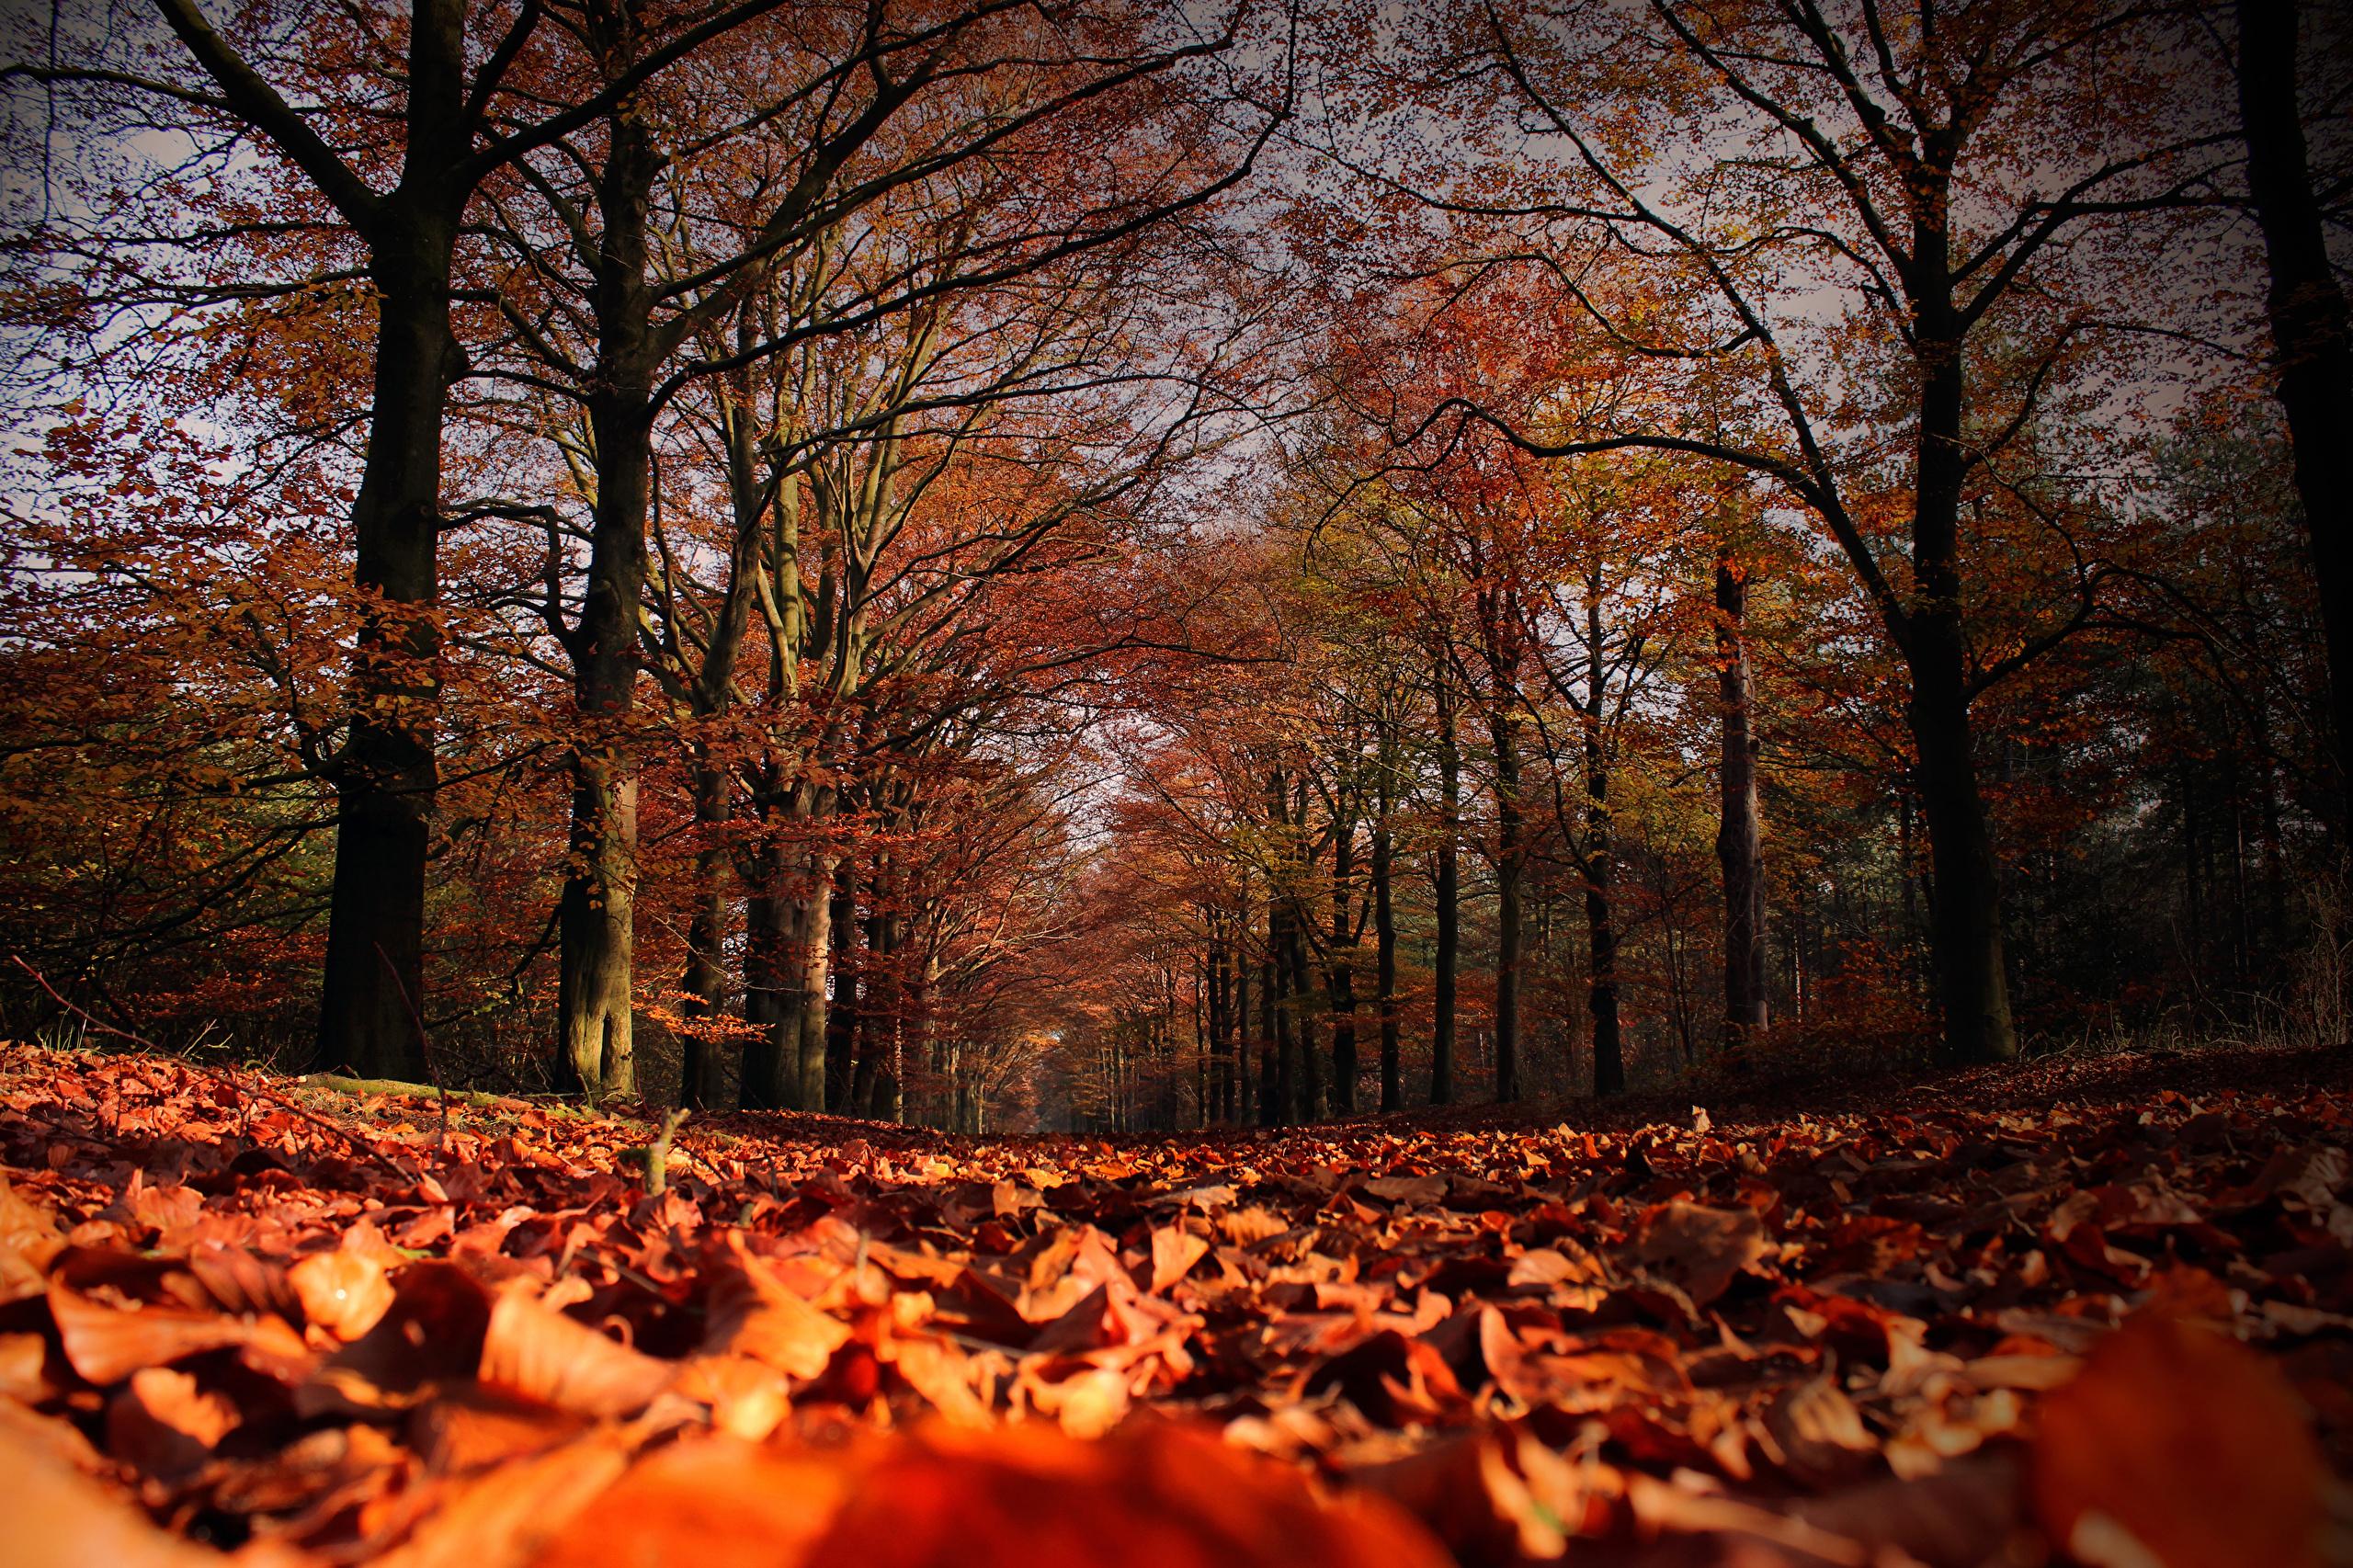 лес, осень, листопад скачать